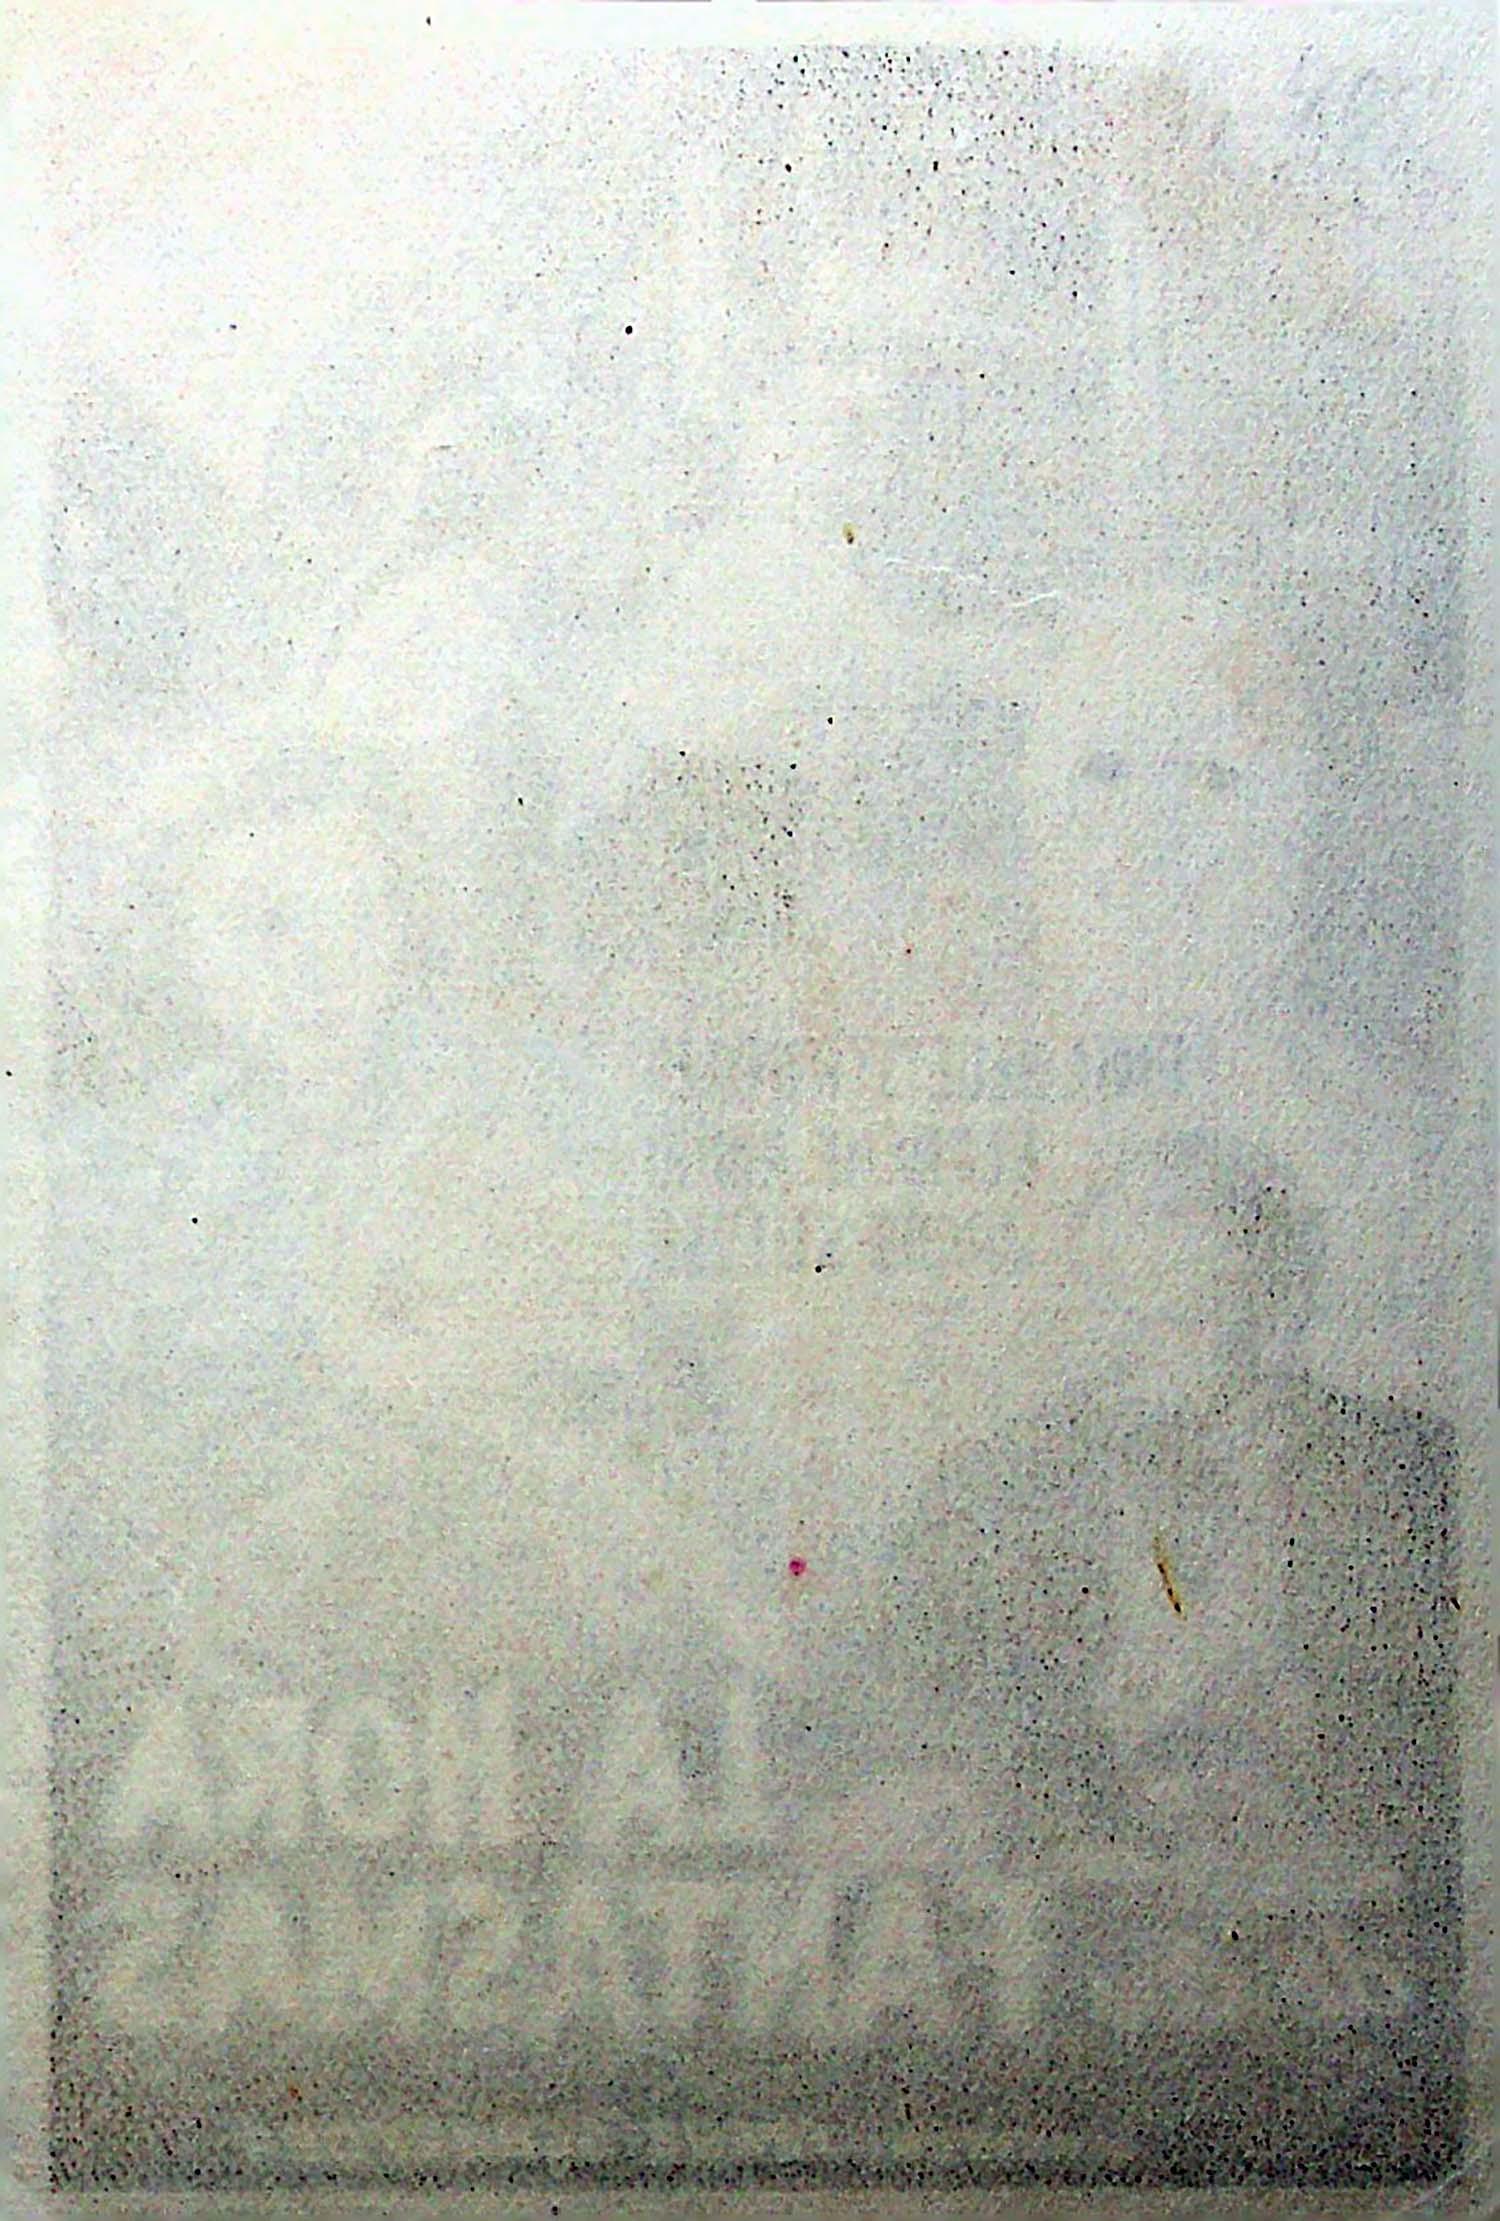 PROGRAMA DE MANO. LA HORA DE LOS FANTASMAS. Emil Hegetschweiler Blanche Aubri